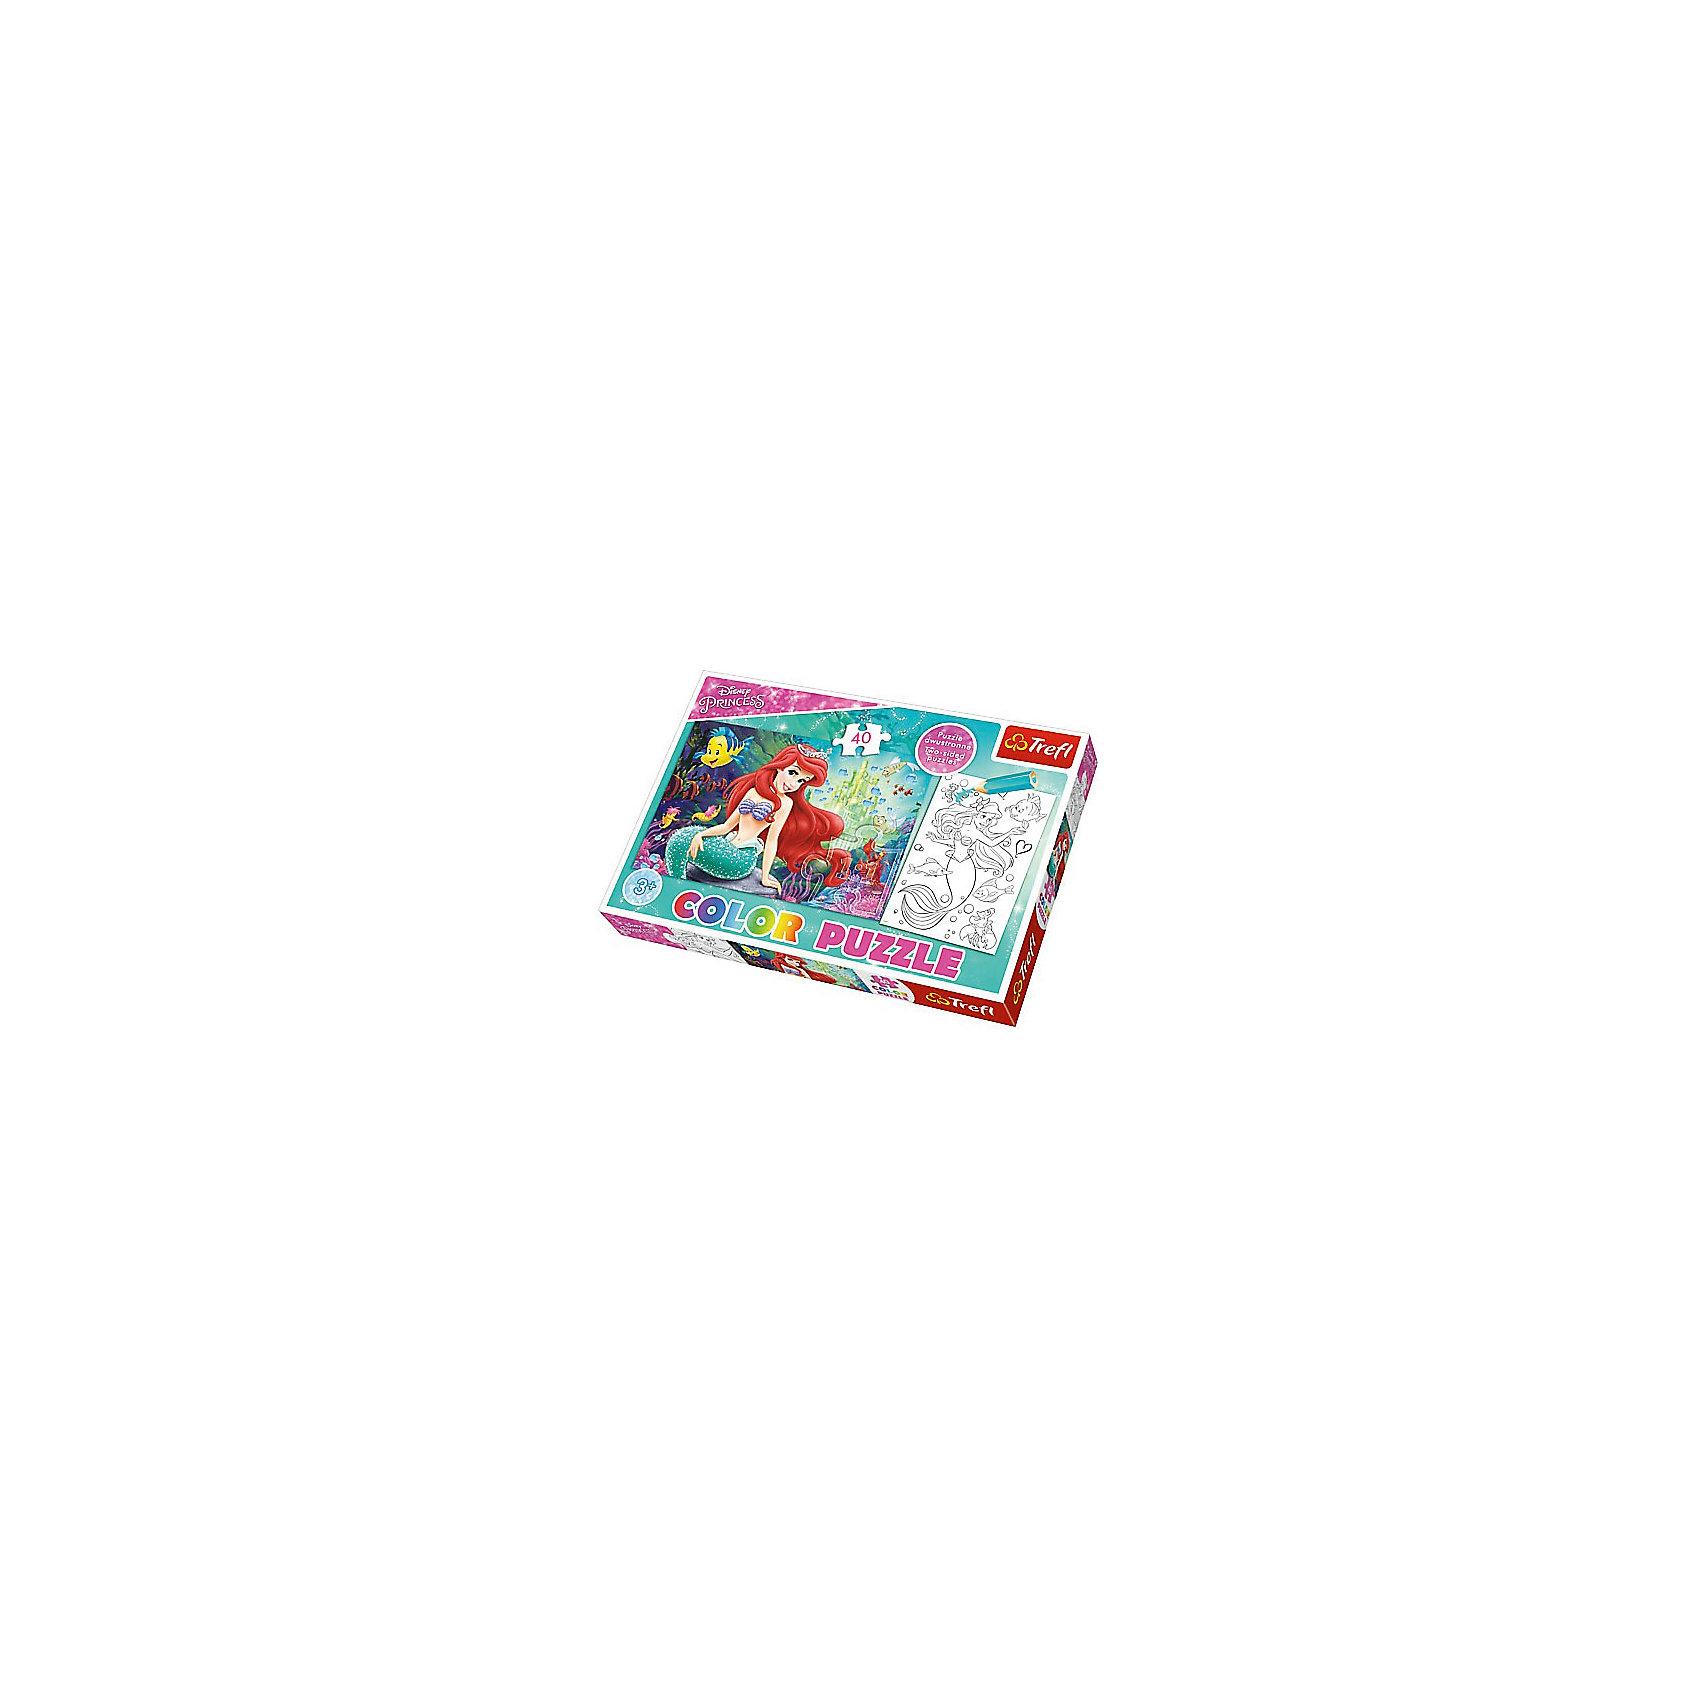 Пазл Колор «Подводное королевство», 40 деталей, TreflКлассические пазлы<br>Характеристики товара:<br><br>• возраст от 3 лет;<br>• материал: картон;<br>• в наборе: 40 элементов;<br>• размер пазла 41х27,5 см;<br>• размер упаковки 33,5х23х4 см см;<br>• вес упаковки 200 гр.;<br>• страна производитель Польша.<br><br>Пазл Колор «Подводное королевство» Trefl создан по мотивам известного мультфильма про Русалочку Ариэль. С одной стороны пазла изображены любимые персонажи, а с другой стороны черно-белая картинка, которую надо раскрасить. Такое занятие увлечет малышей и позволит им проявить свои творческие способности и фантазию. Все детали пазла изготовлены из качественных материалов, которые не теряют со временем цвет.<br><br>Пазл Колор «Подводное королевство» Trefl можно приобрести в нашем интернет-магазине.<br><br>Ширина мм: 350<br>Глубина мм: 470<br>Высота мм: 230<br>Вес г: 200<br>Возраст от месяцев: 36<br>Возраст до месяцев: 2147483647<br>Пол: Унисекс<br>Возраст: Детский<br>SKU: 5578472